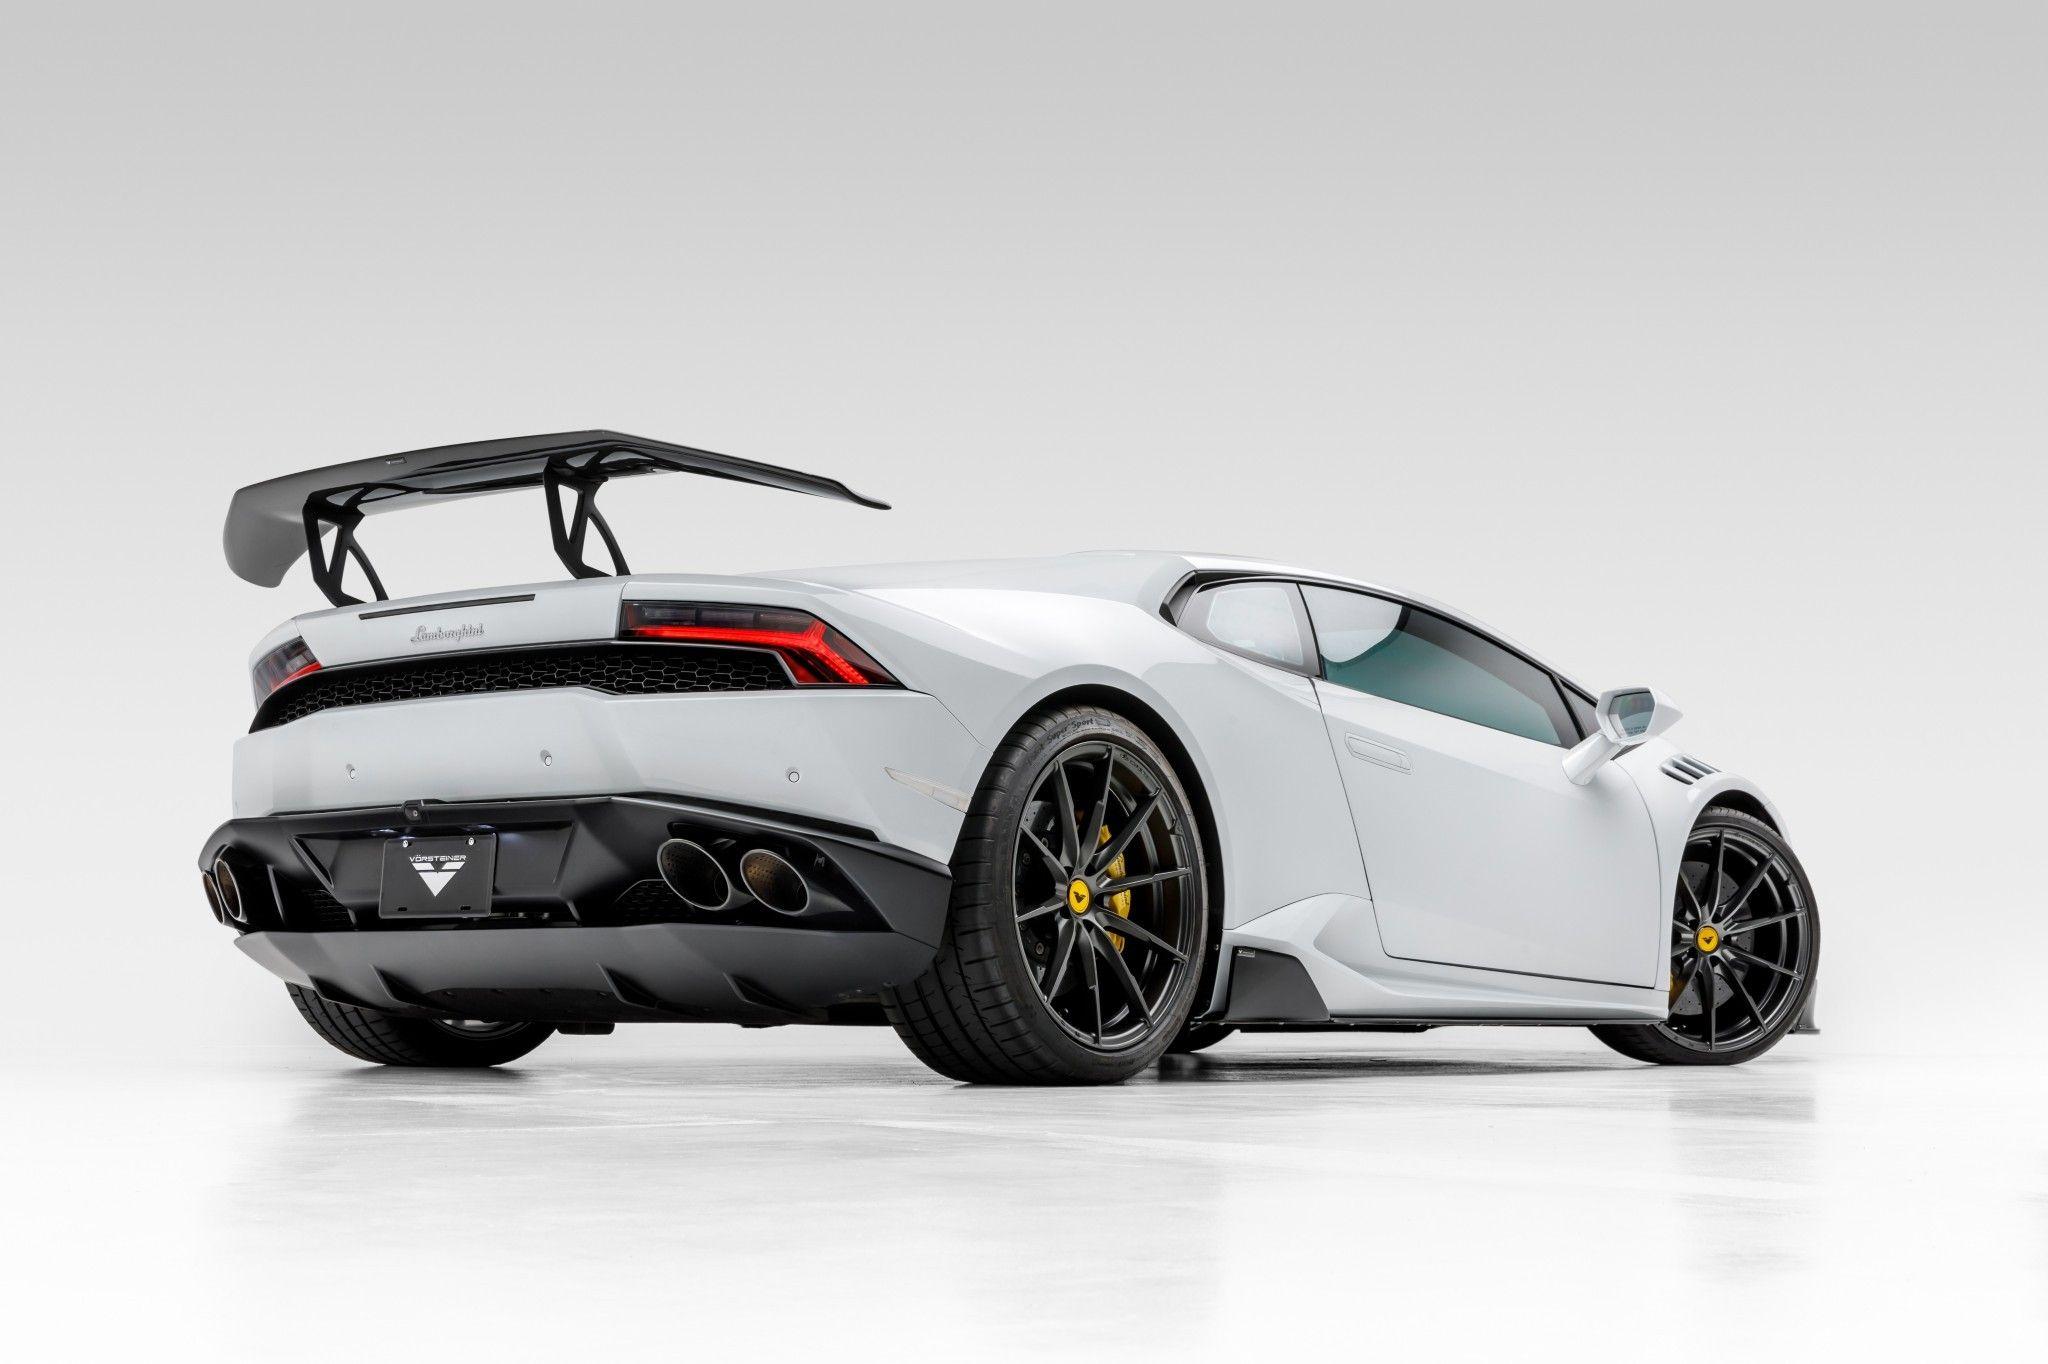 2020 Lamborghini Huracan Mondiale Edizione By Vorsteiner